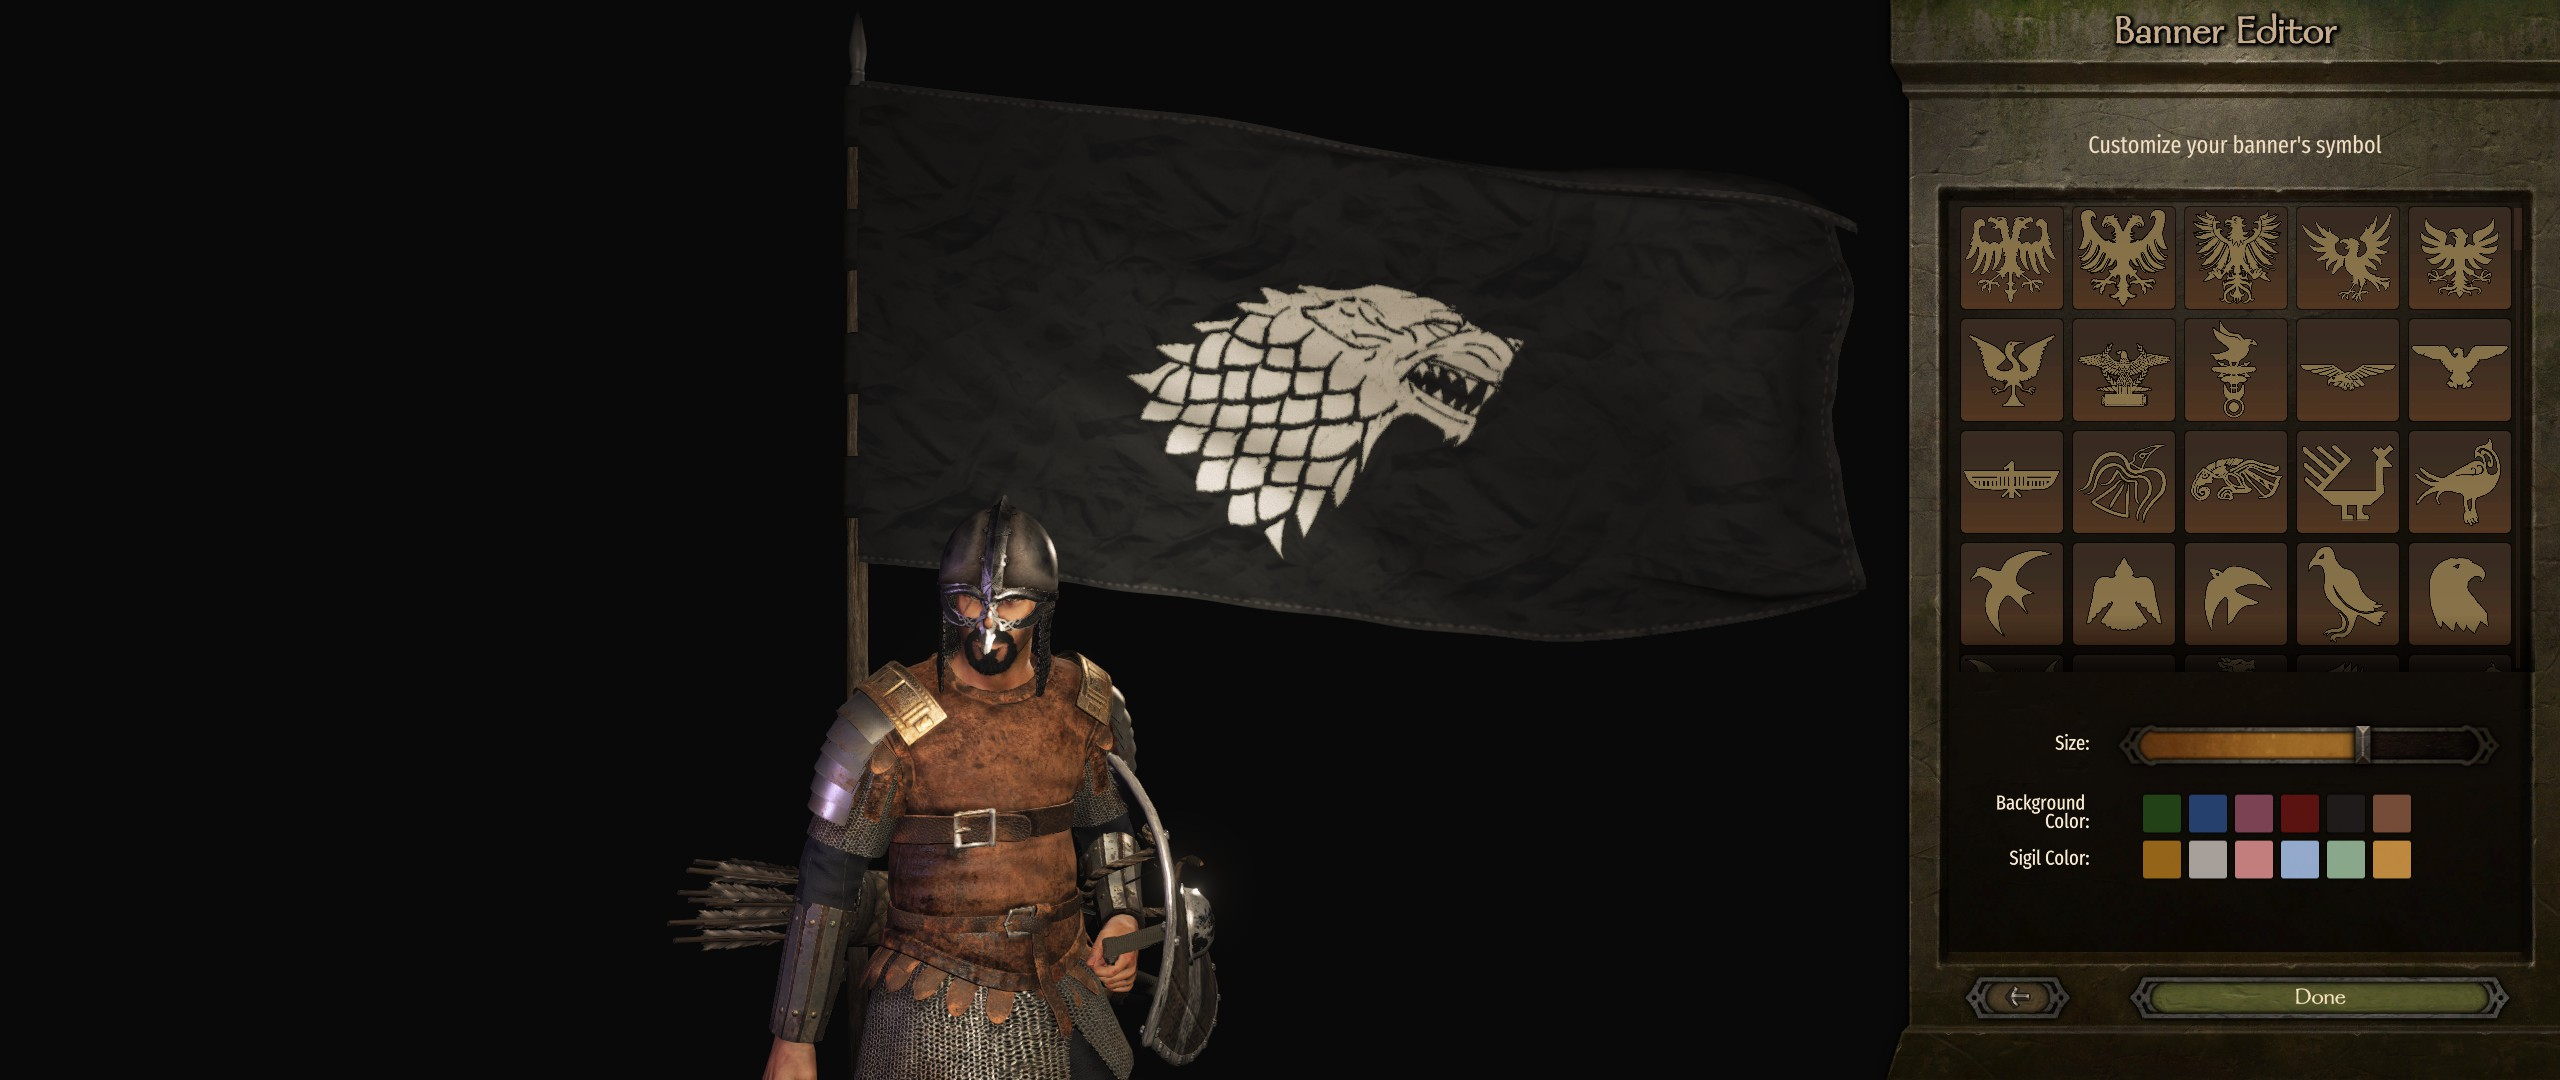 Создание своего баннера и готовые баннеры